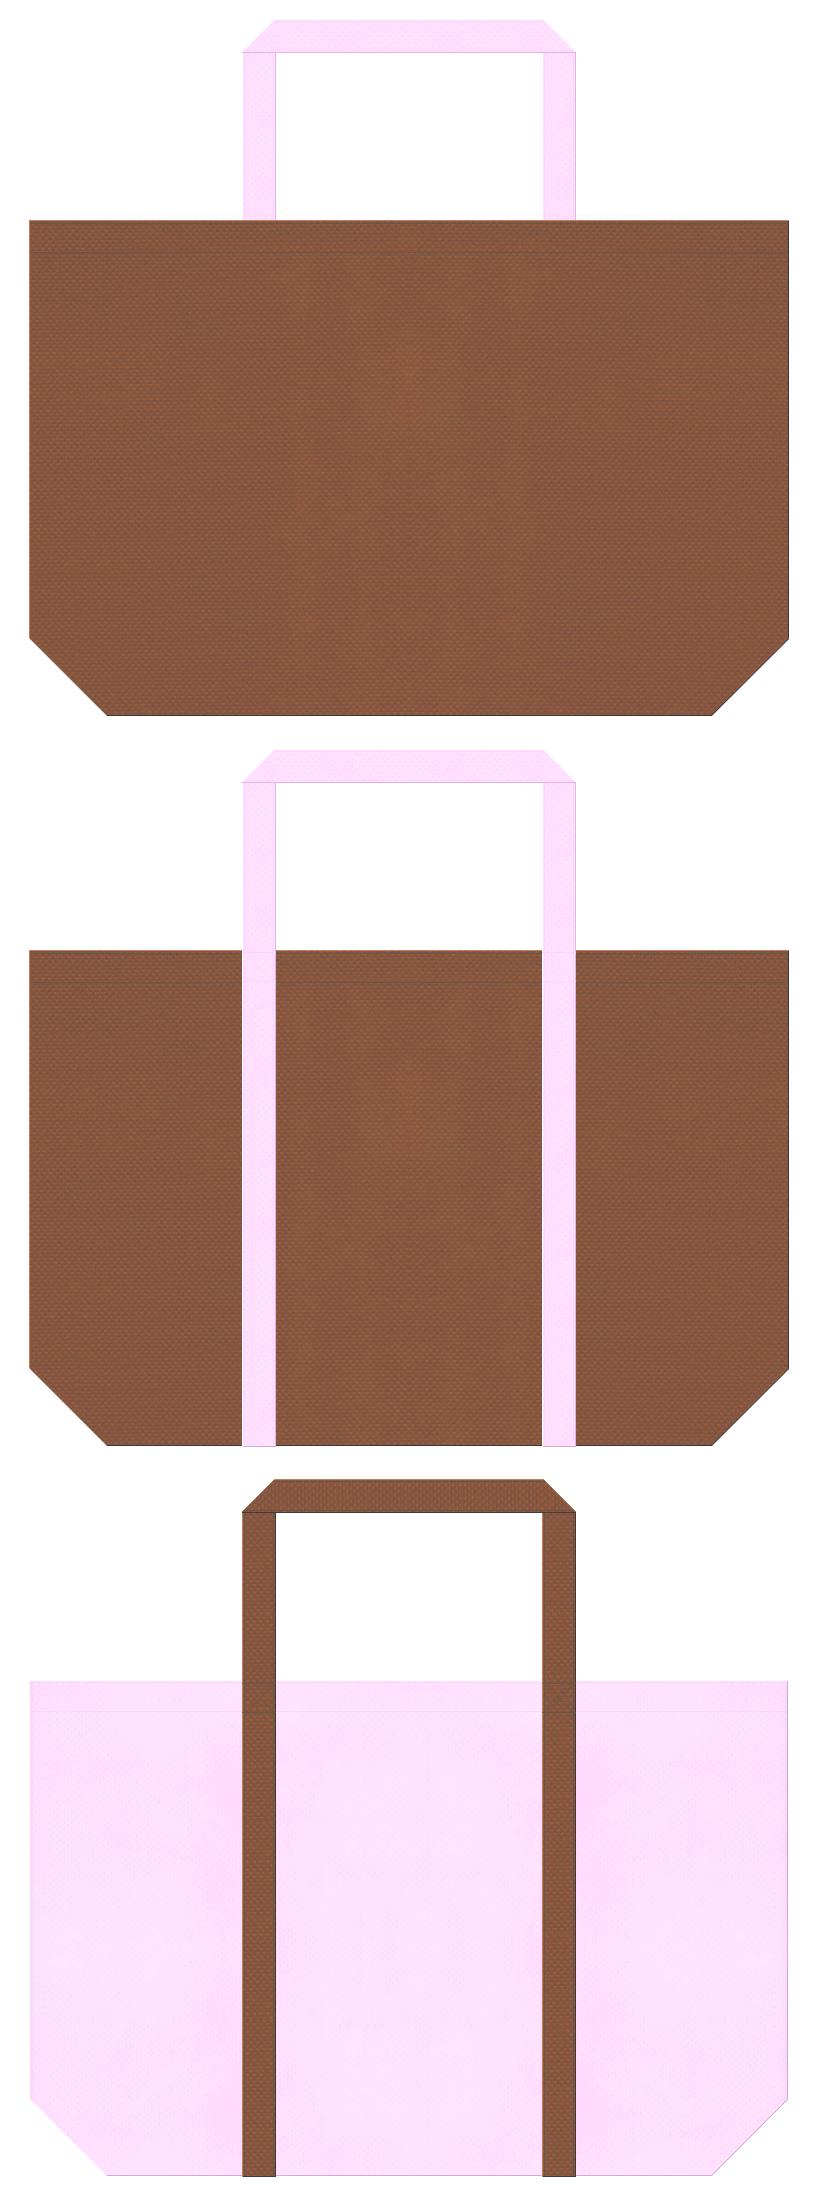 茶色と明るいピンク色の不織布バッグデザイン。ガーリーな配色にお奨めです。